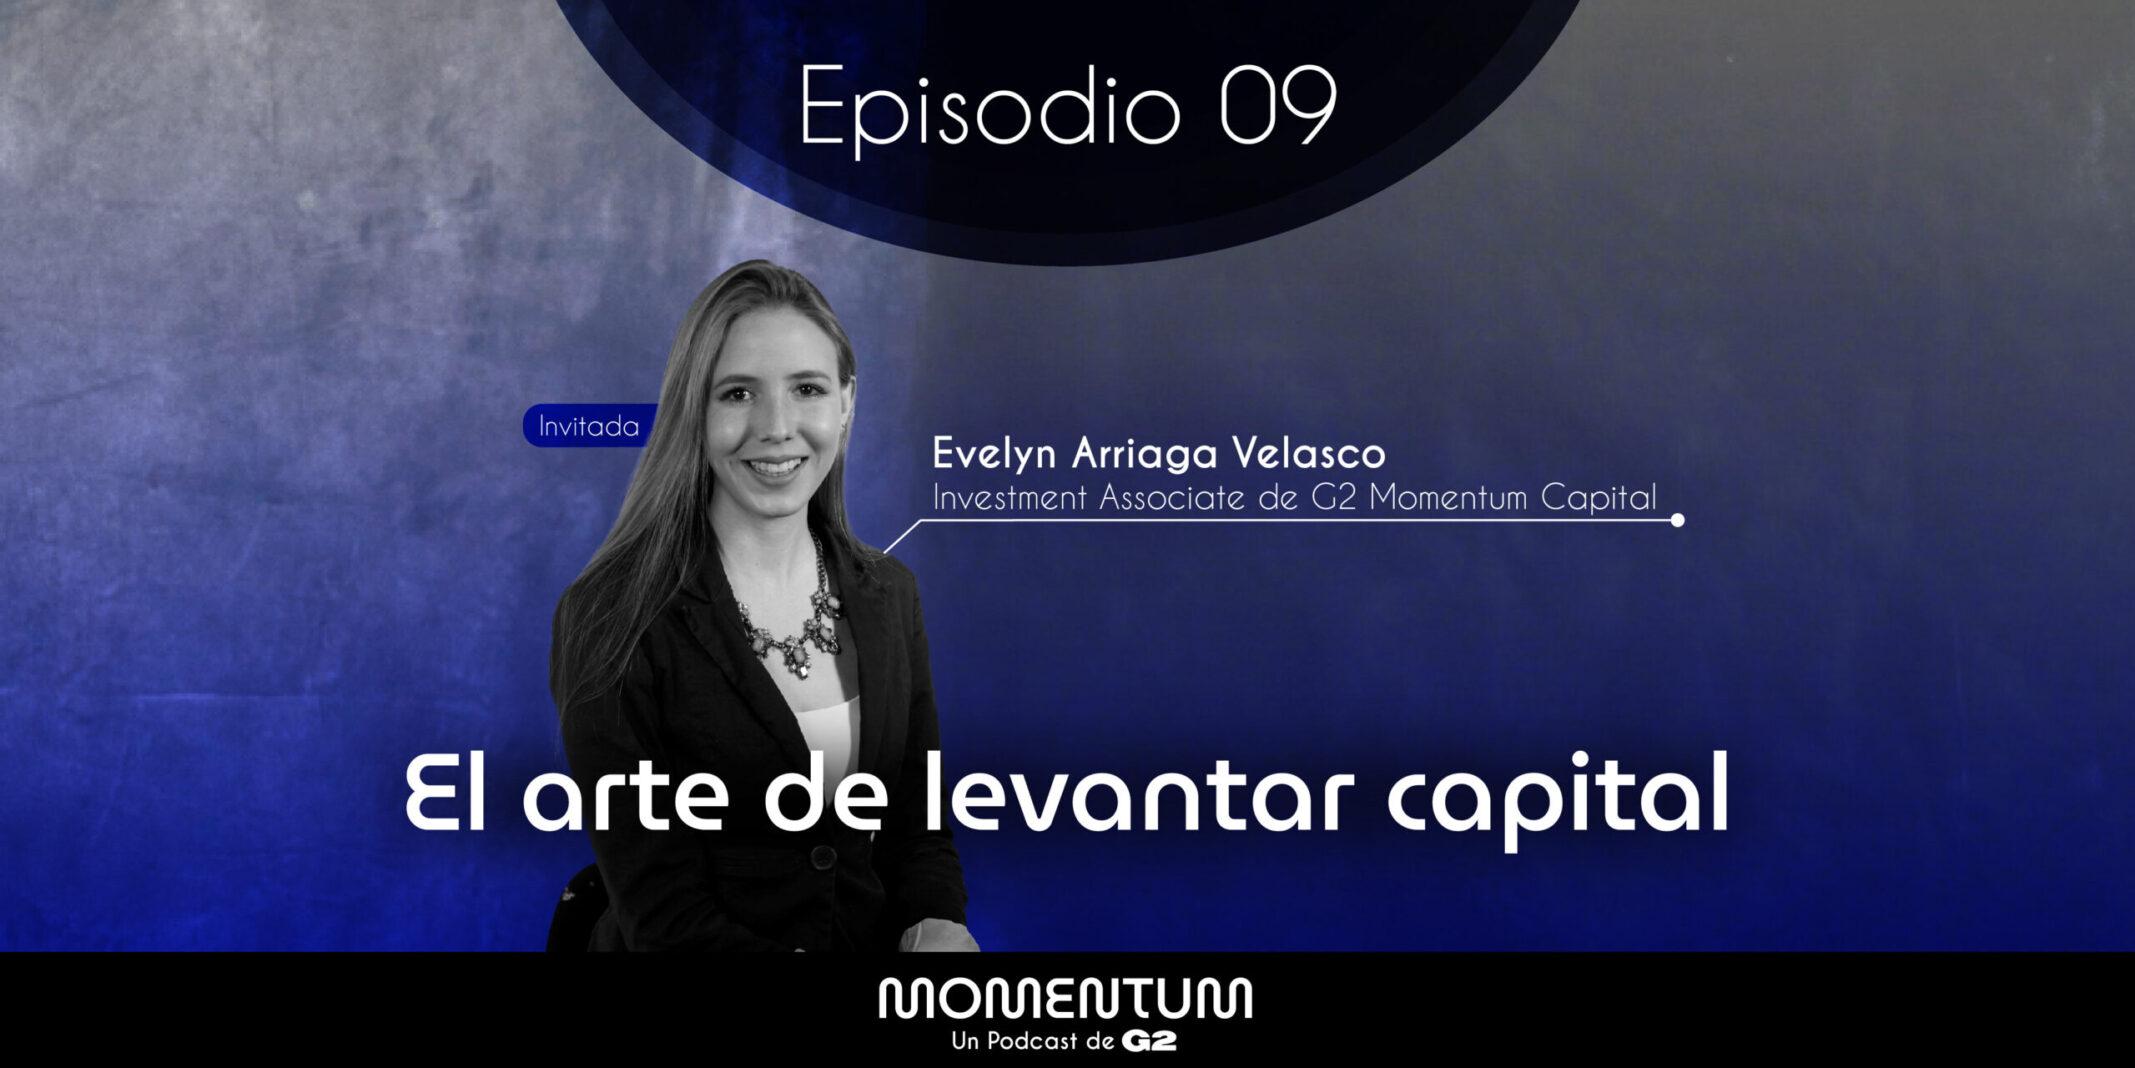 09: Listeners Questions | El arte de levantar capital | Evelyn Arriaga - G2